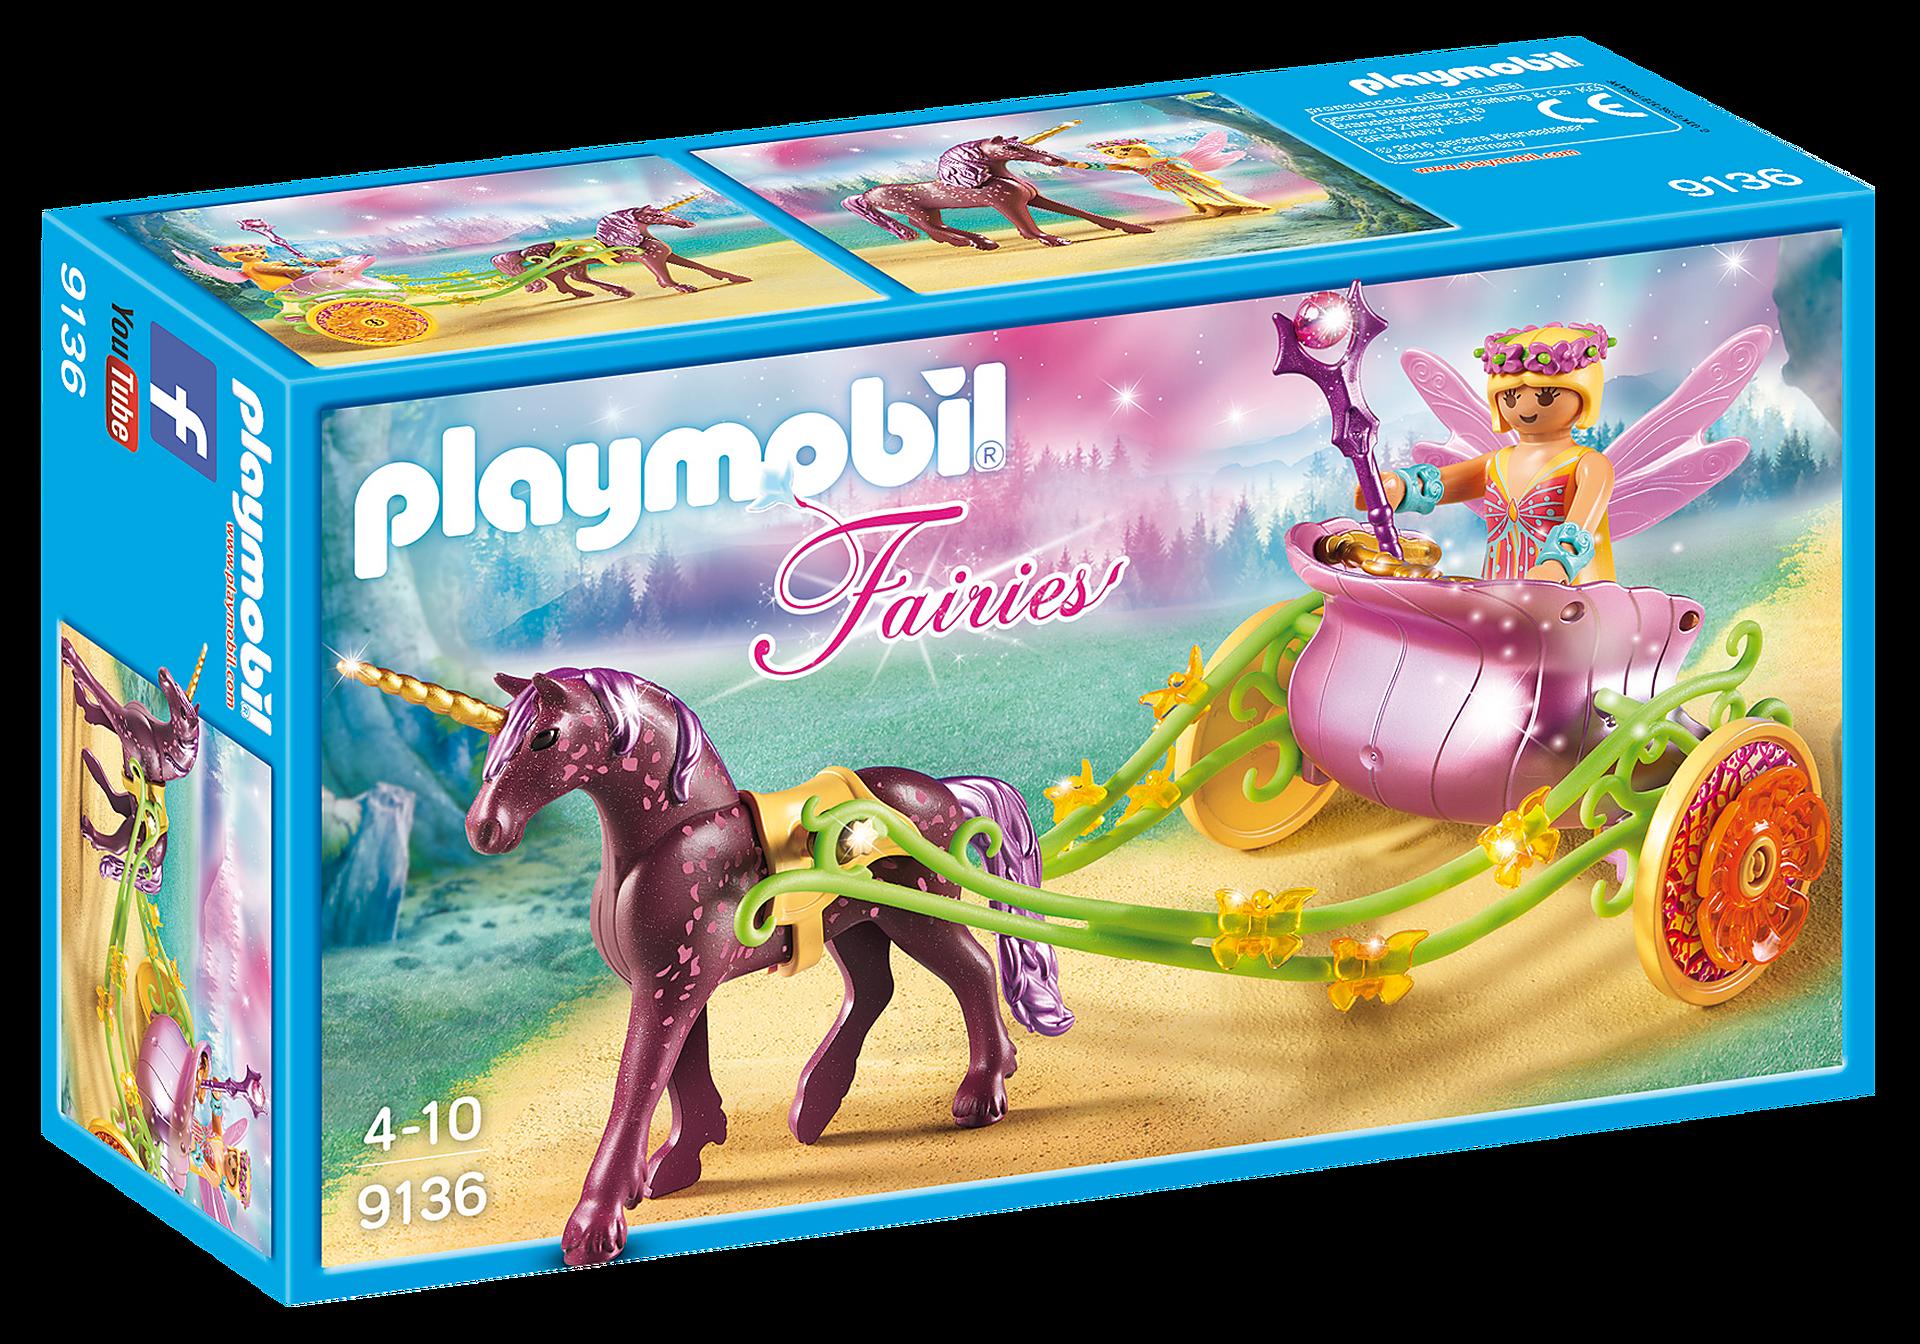 http://media.playmobil.com/i/playmobil/9136_product_box_front/Wróżka kwiatów z karocą jednorożca